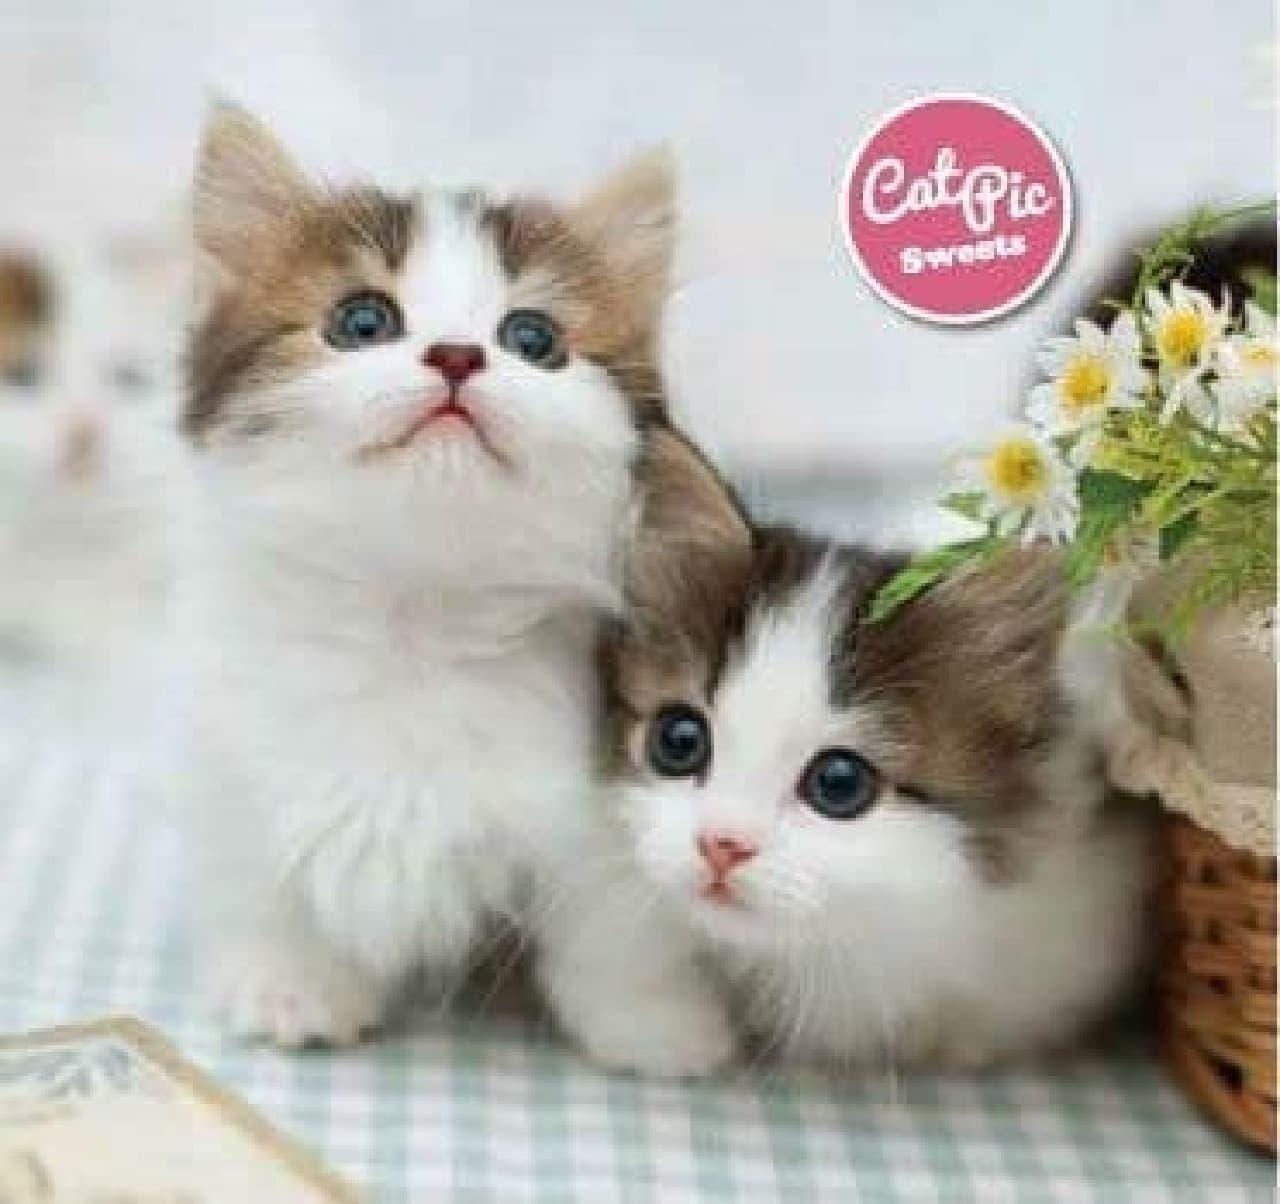 『飛び猫』の五十嵐健太さん撮影のネコパッケージ「CAT PICクッキーズ」